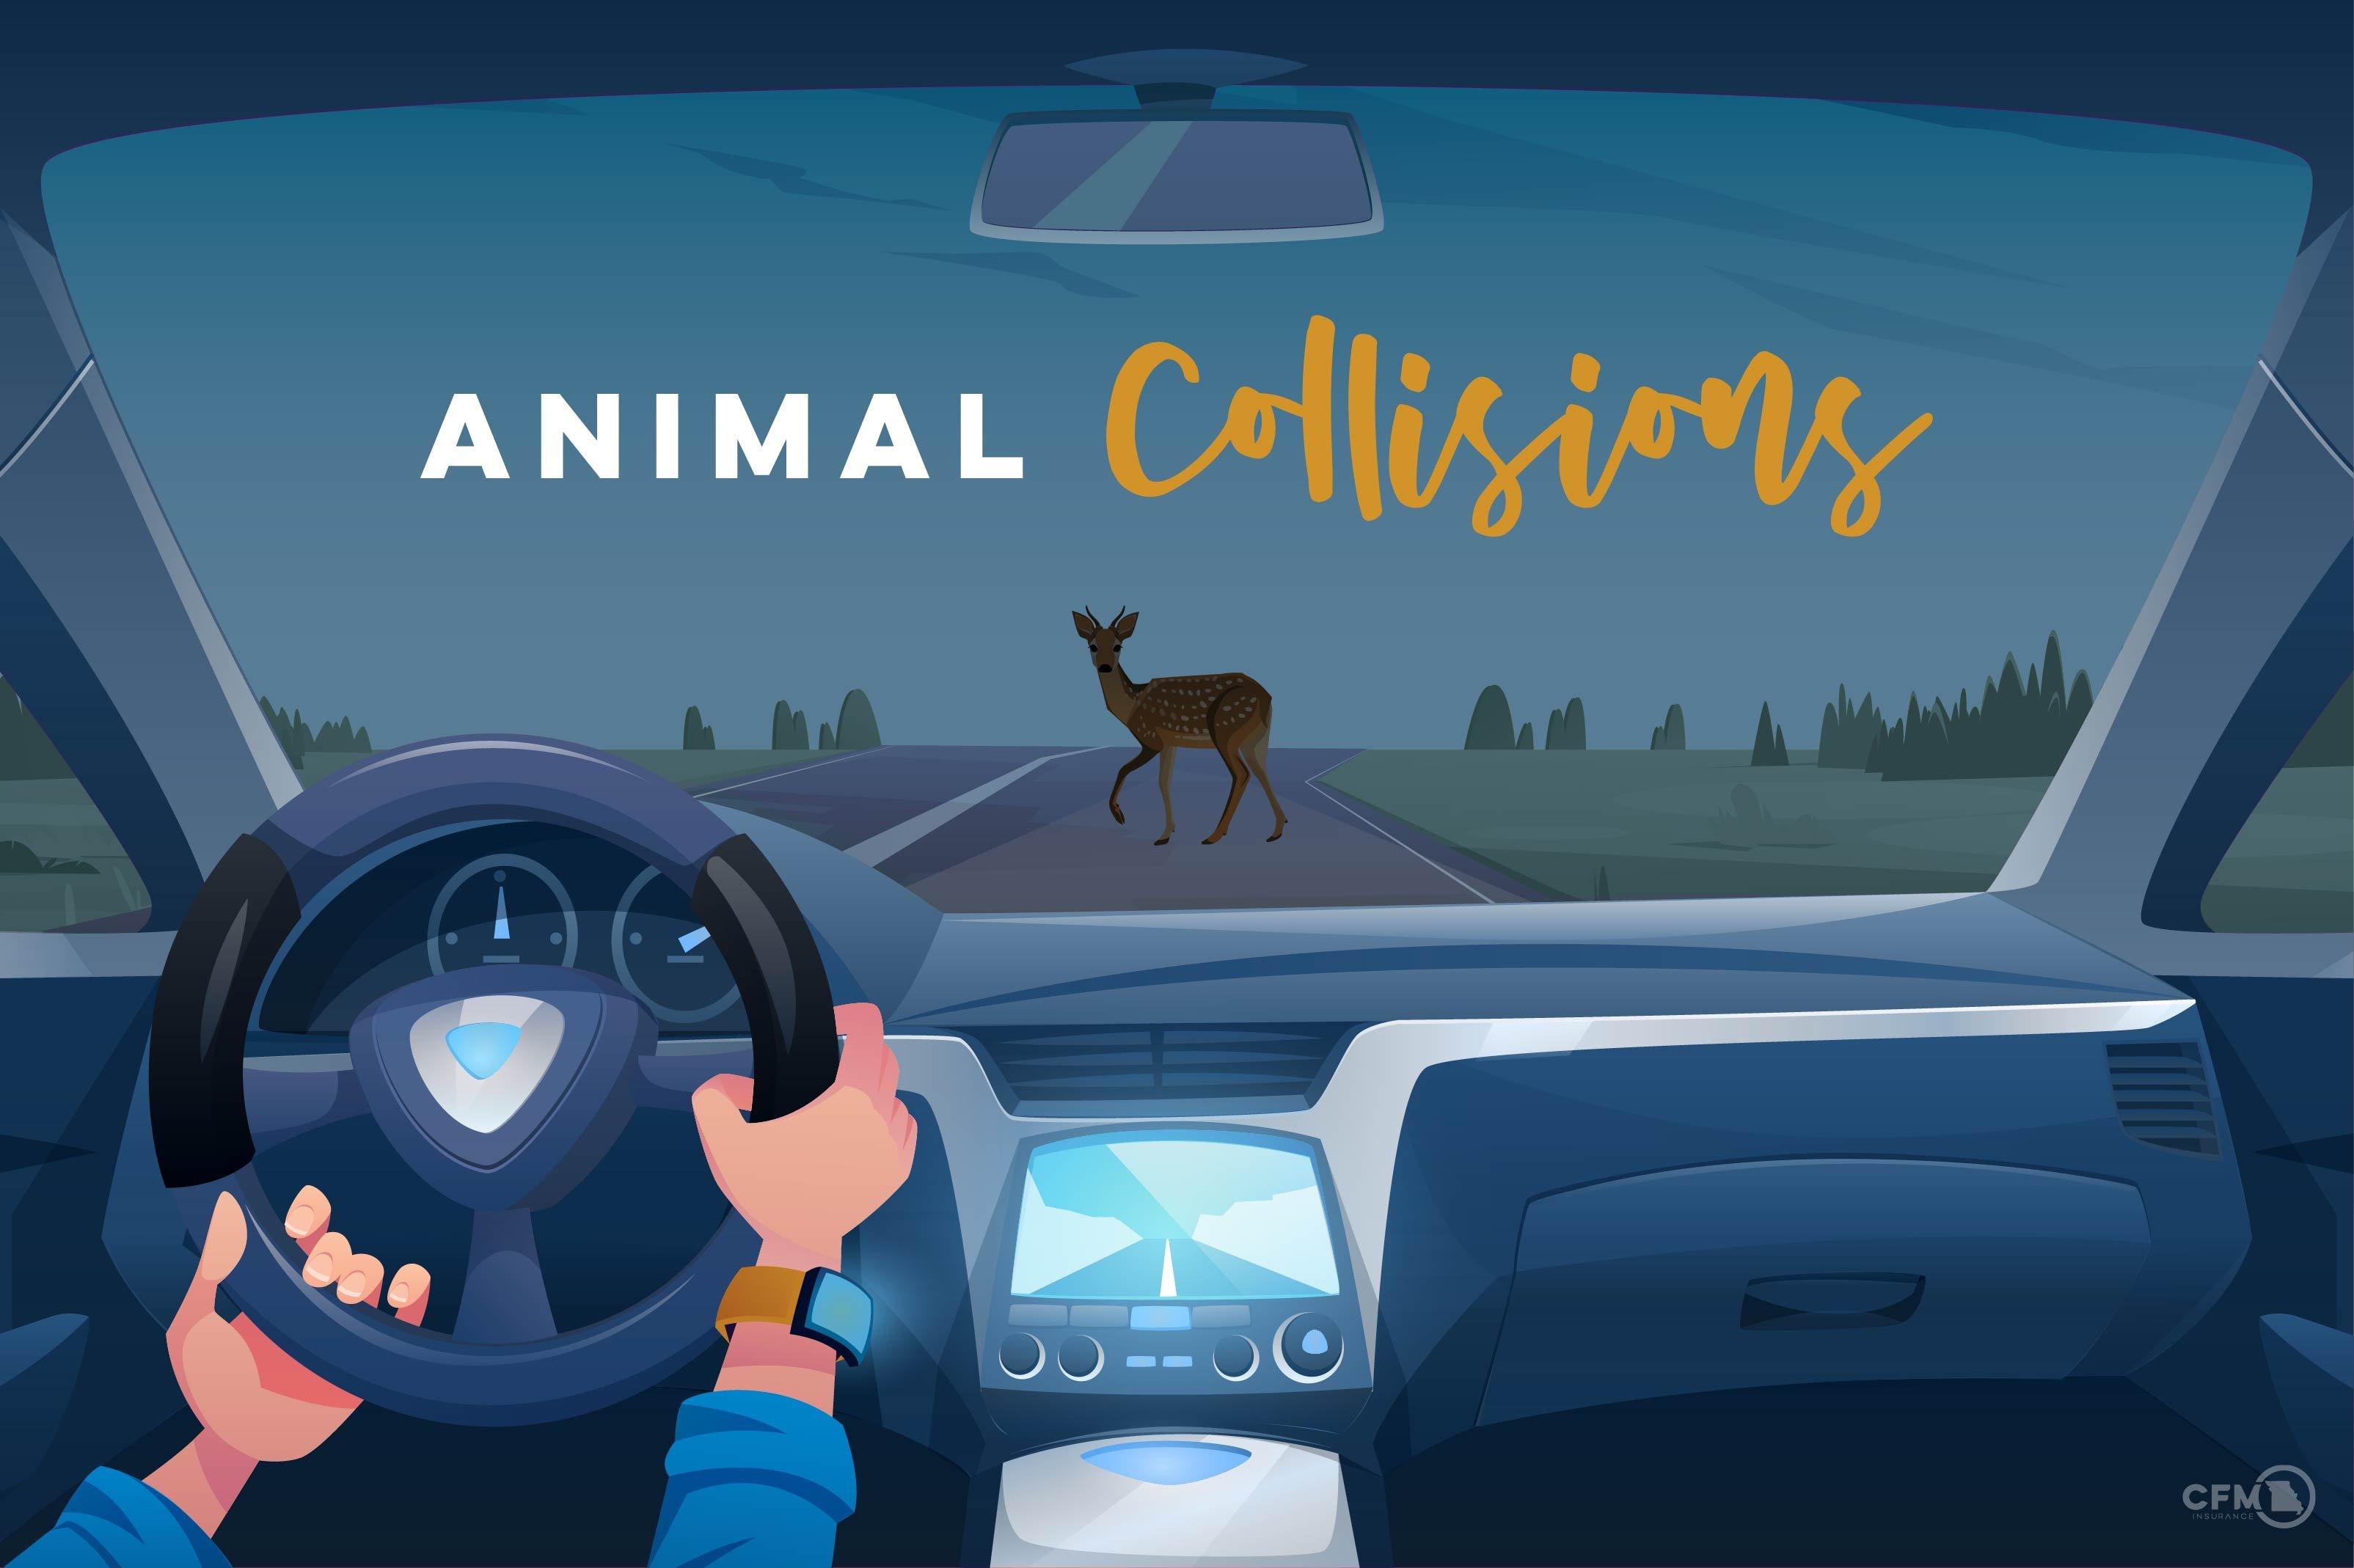 3. 4201B_Animal Collisions_Blog-01